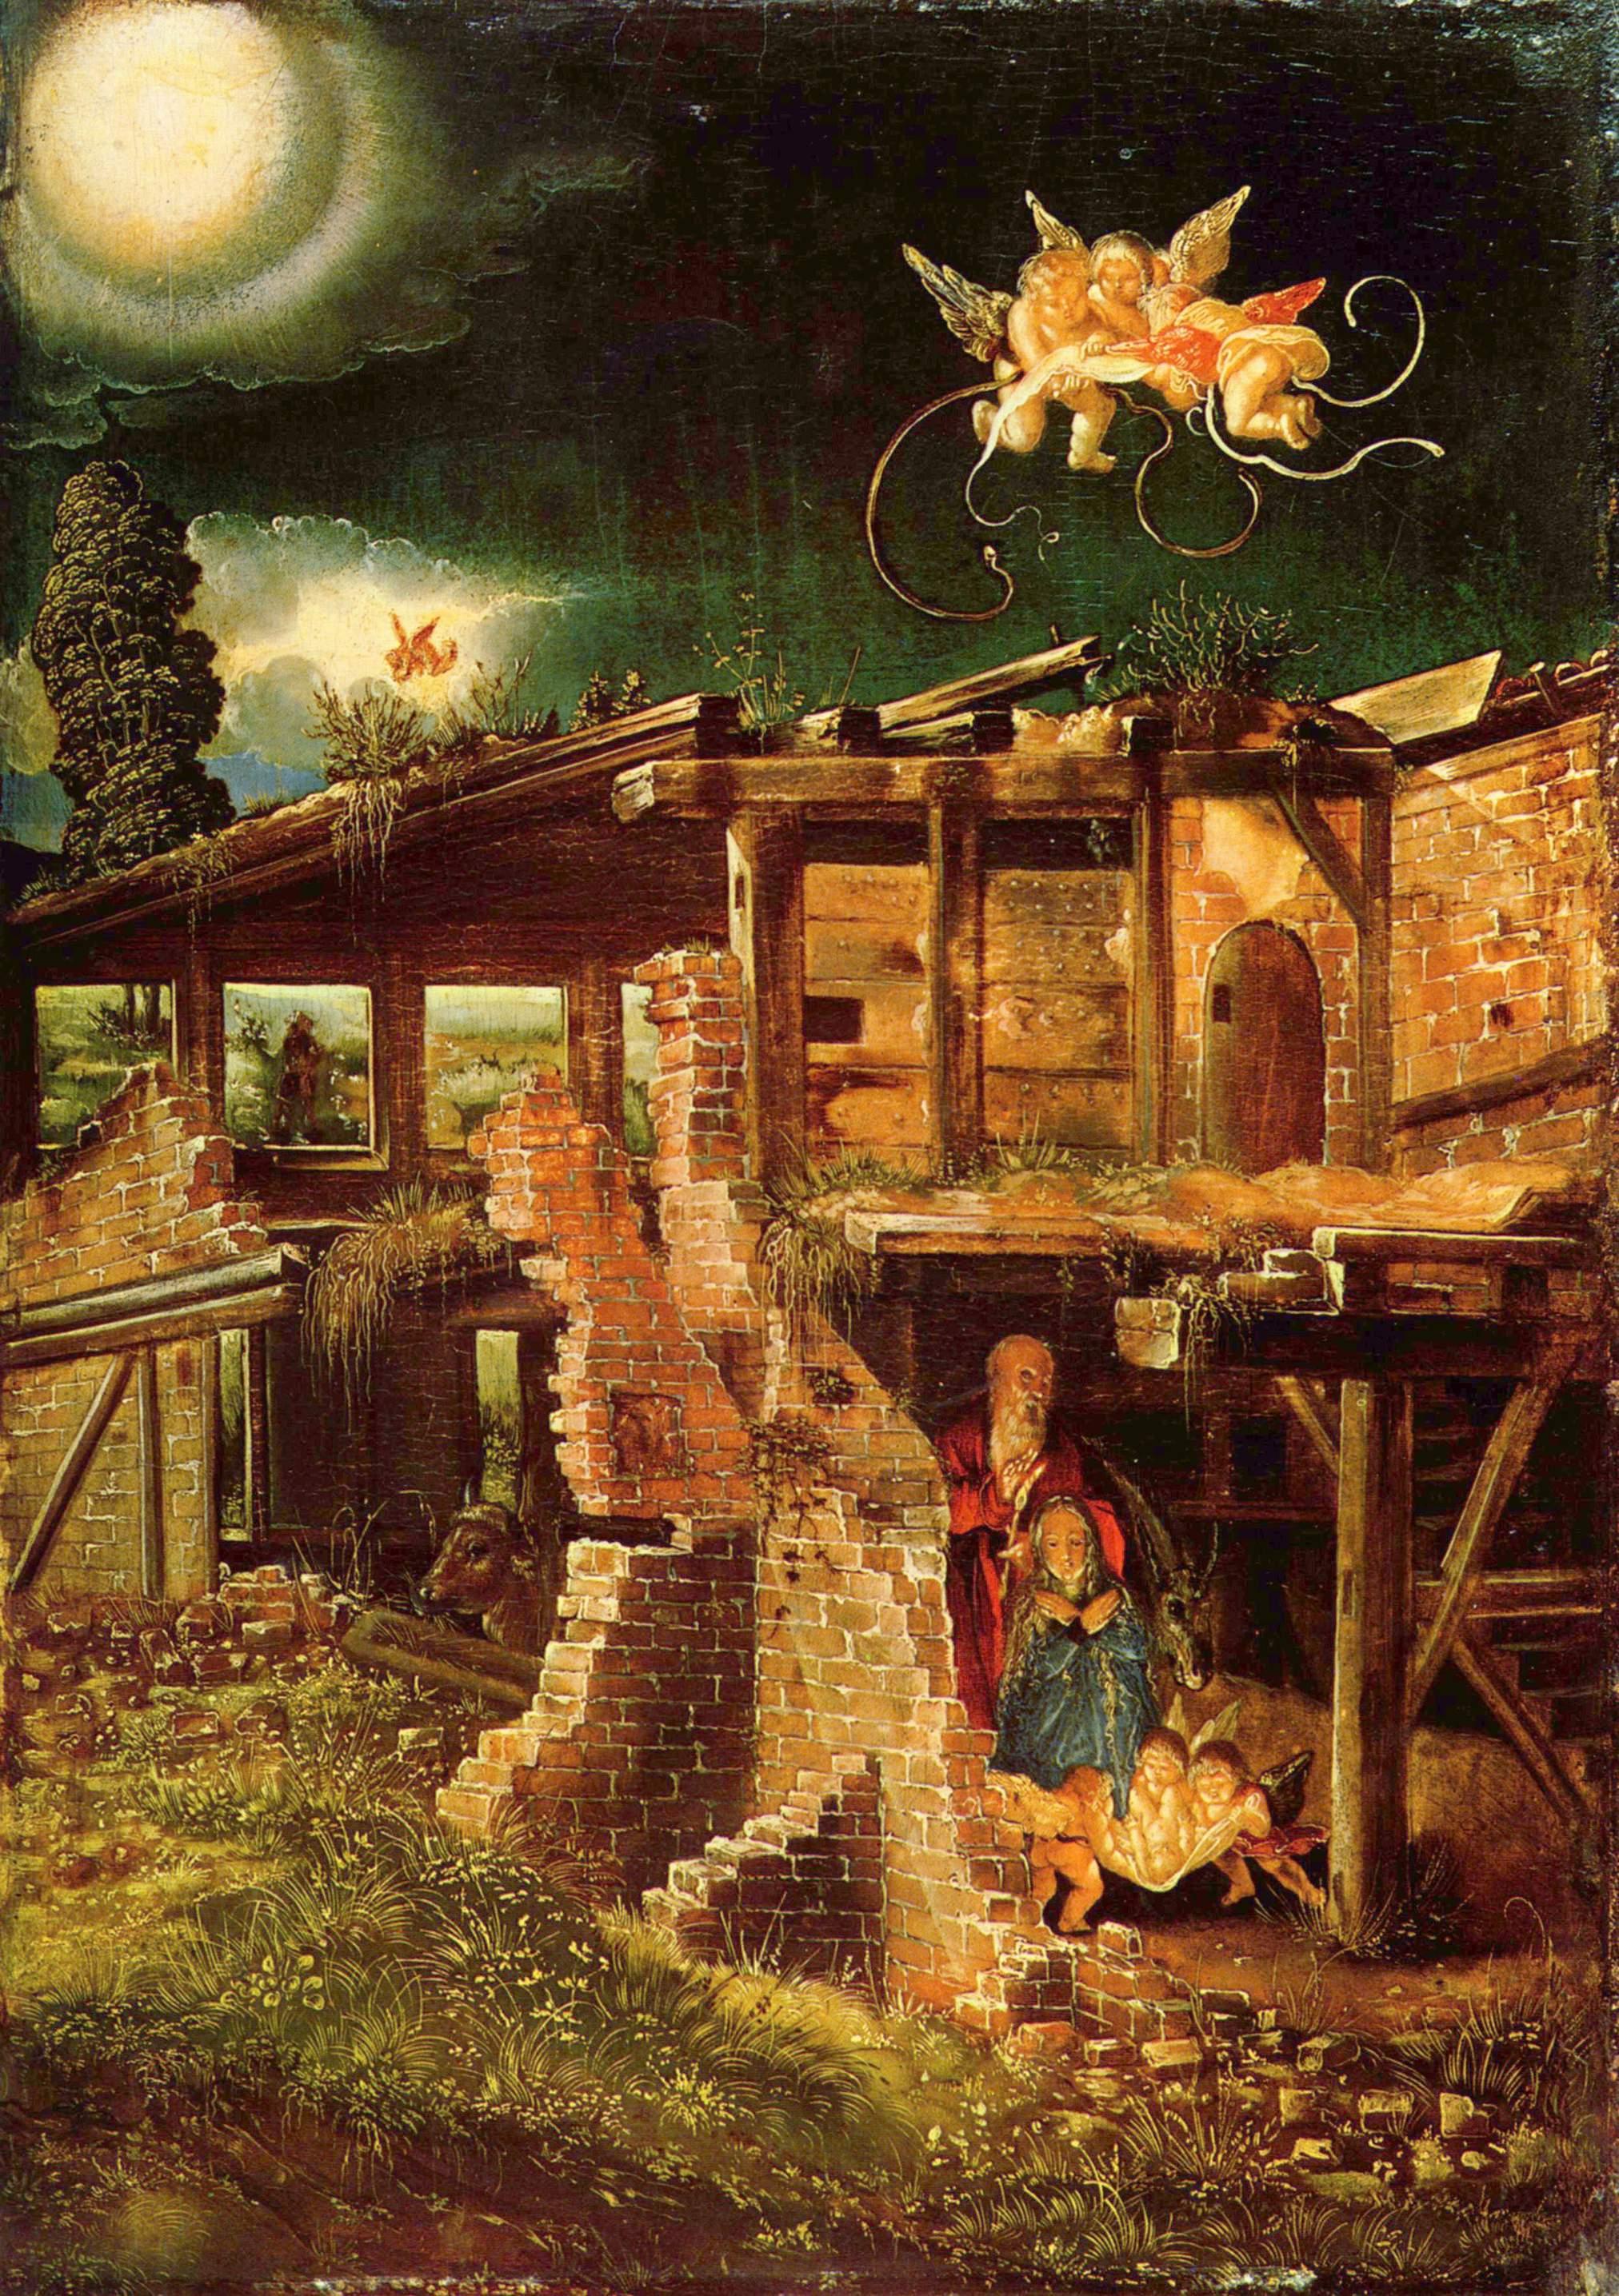 Albrecht Altdorfer (1480-1538), Die Geburt Jesu (1513) - Quelle: WikiCommons